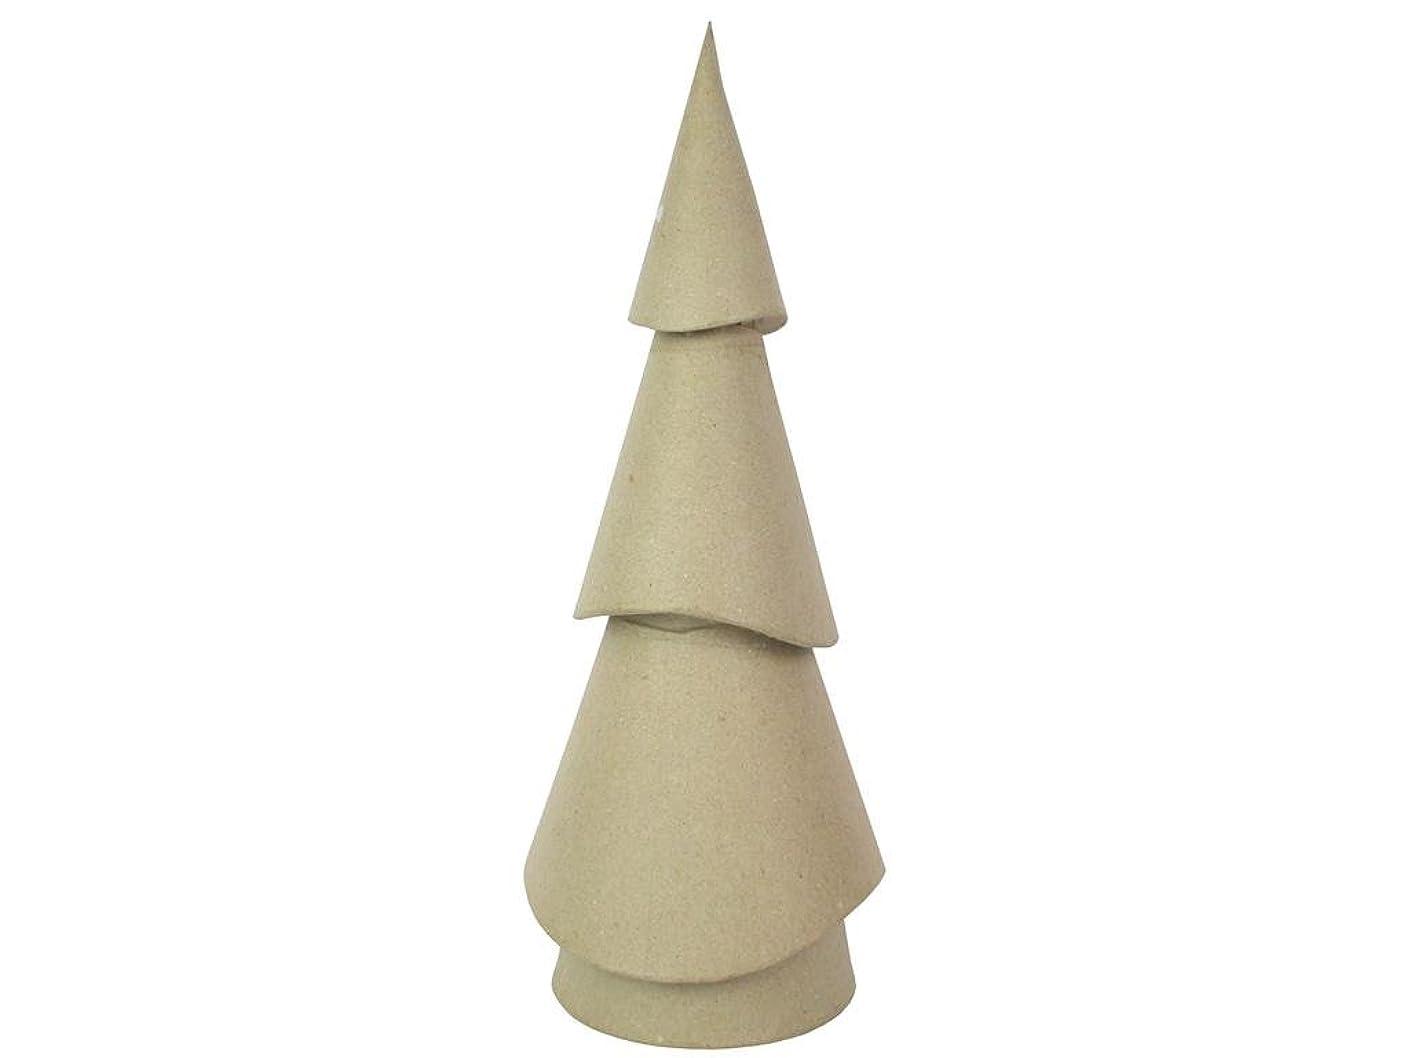 Craft Pedlars Lg Paper Mache Wavy Cone Tree 17.5